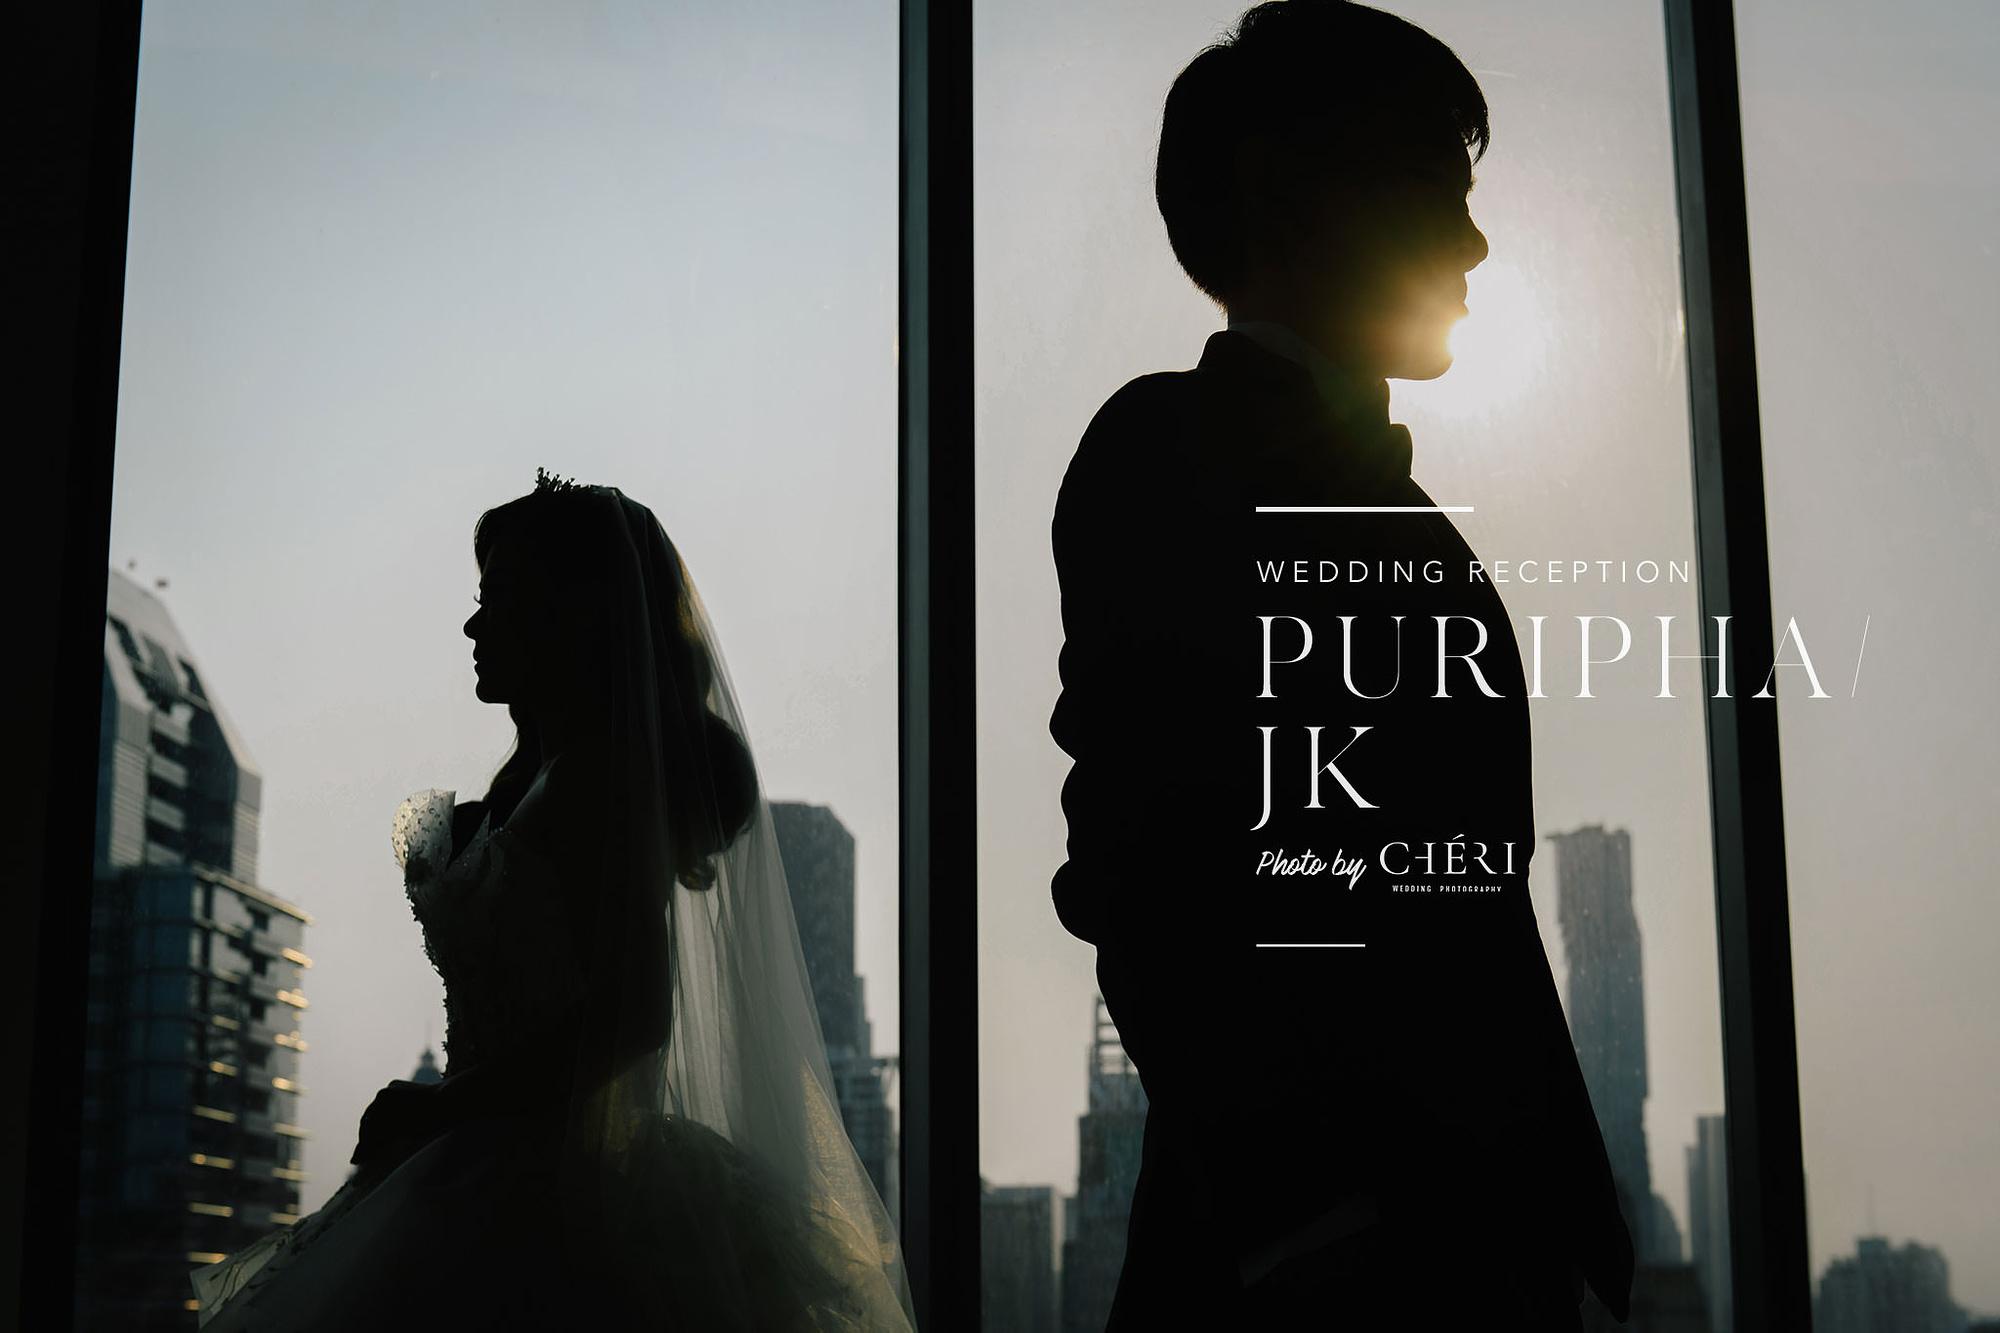 so bangkok wedding reception puripha and jk cover